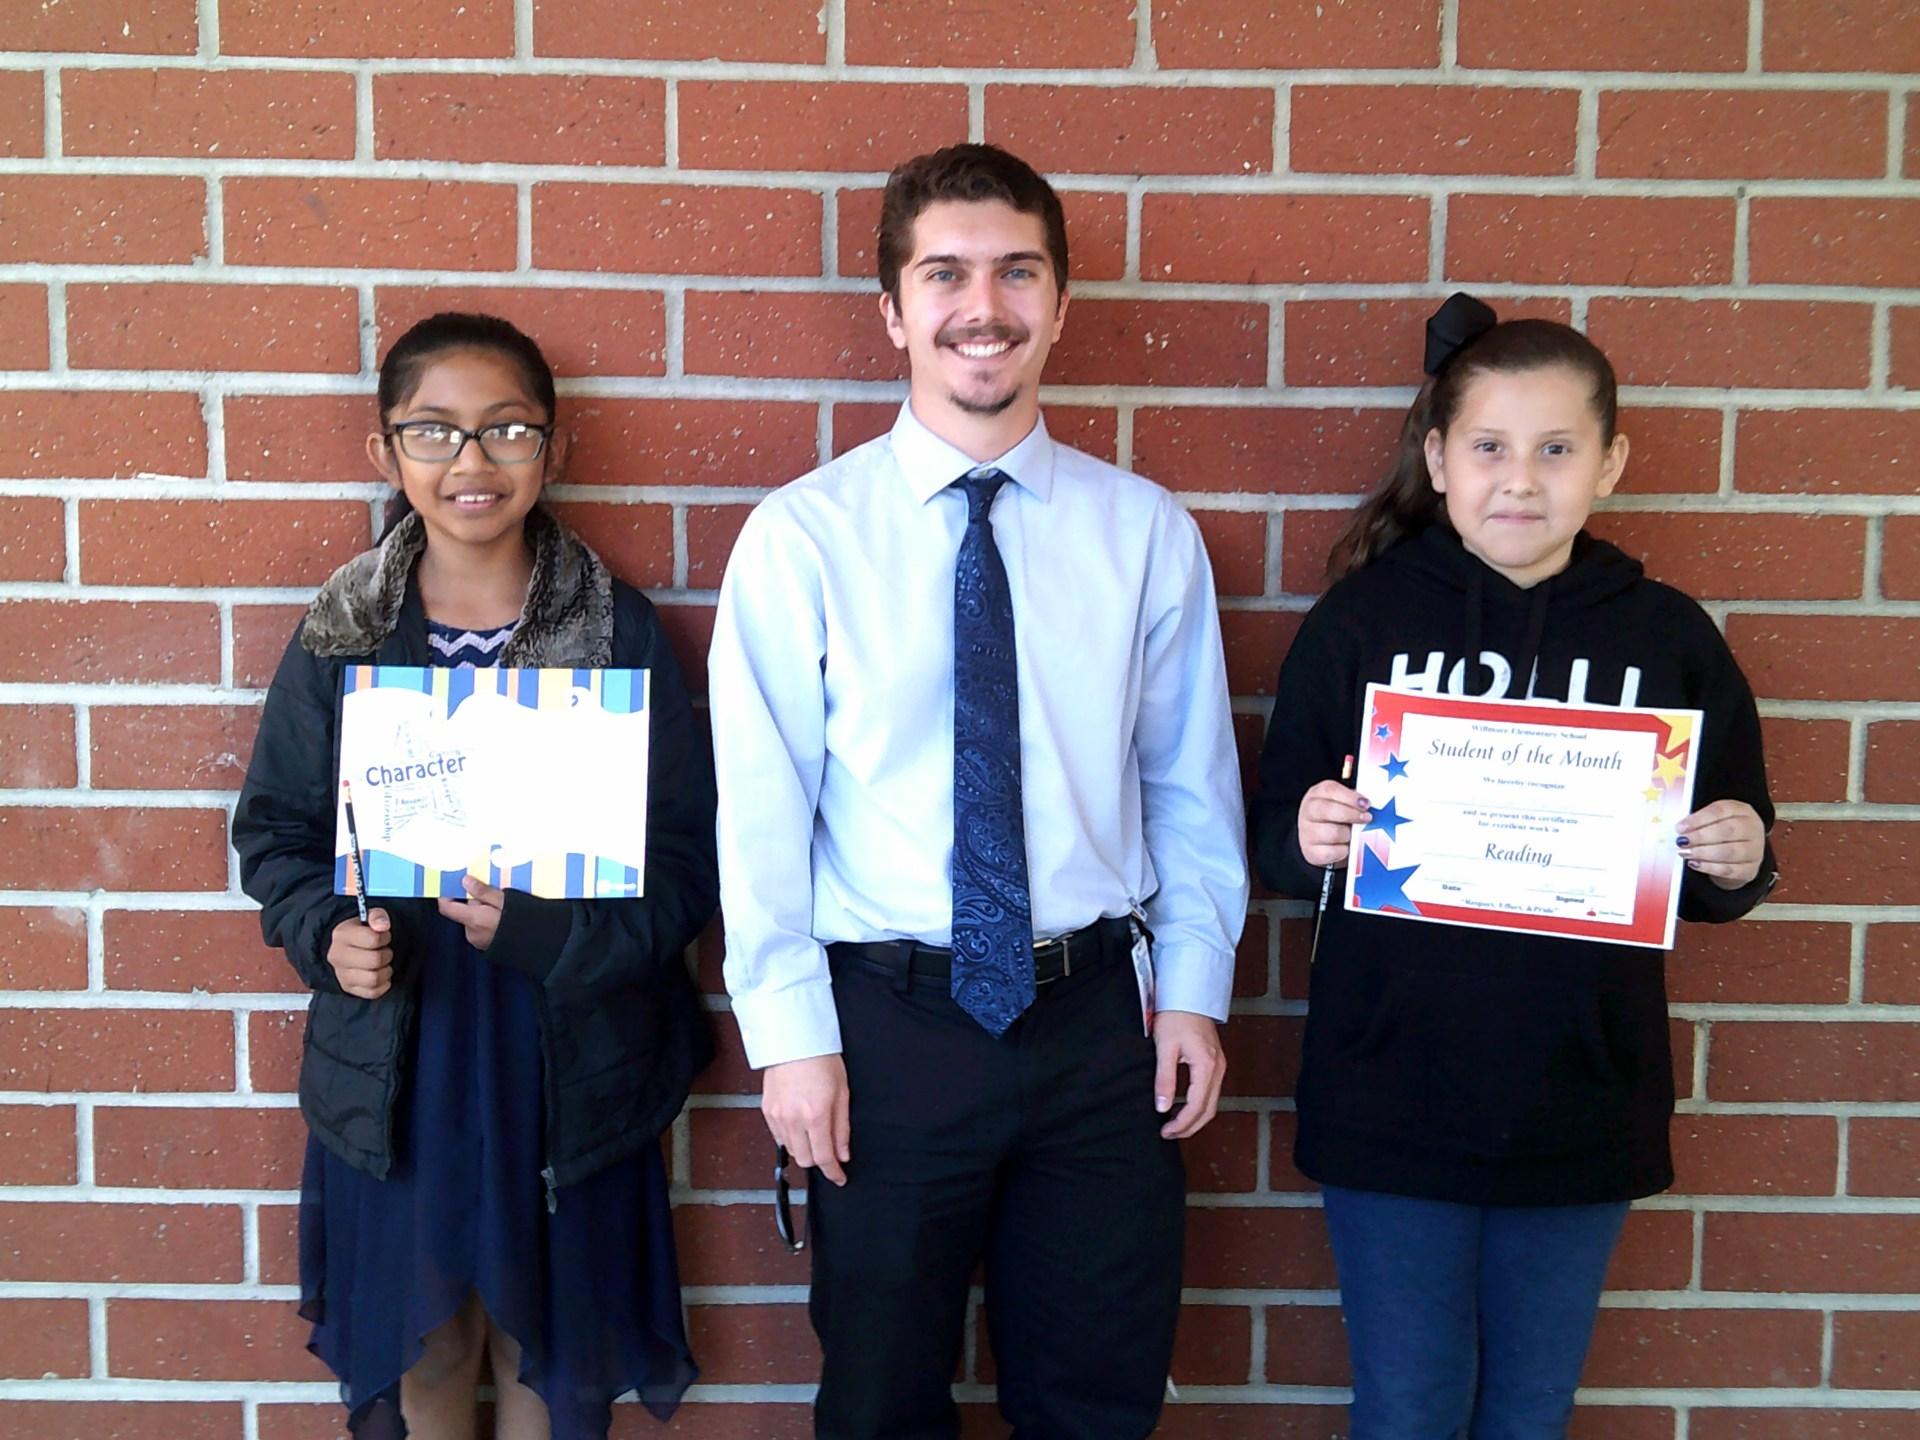 Mrs. Kapustin's & Mr. Smith's December Honorees